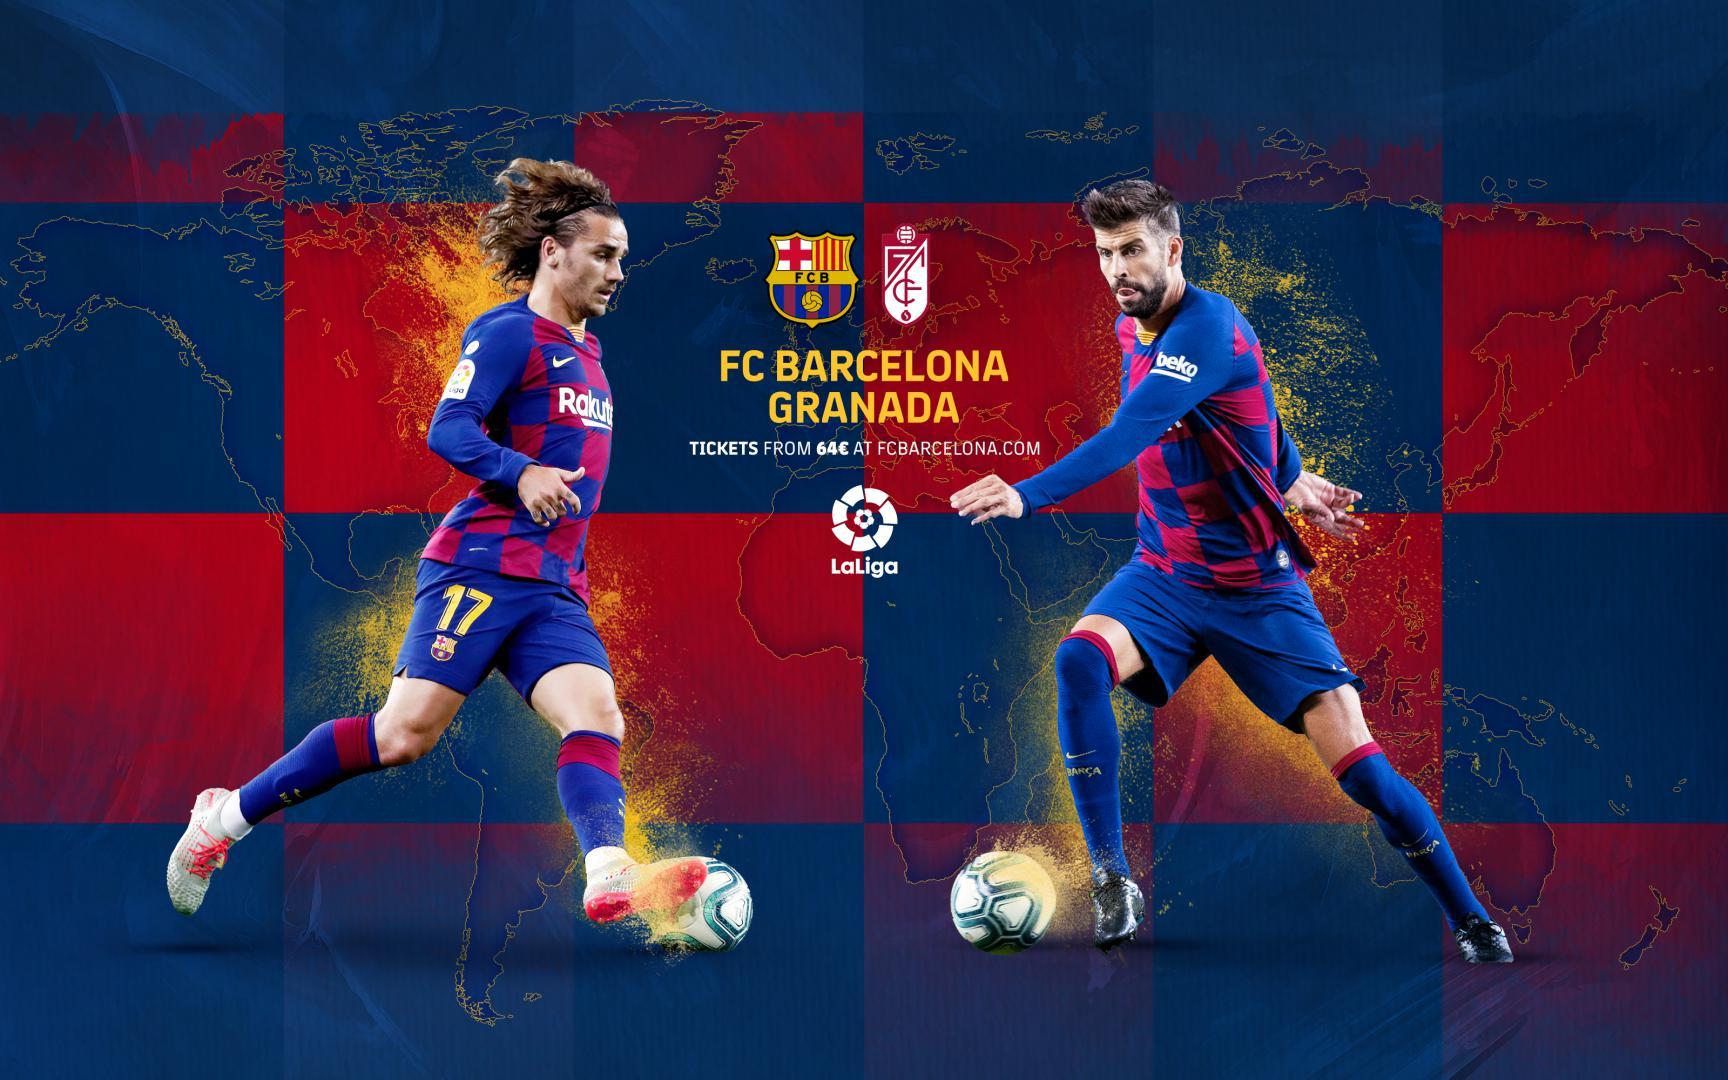 barcelona-vs-granada-prediksi-la-liga-20-jan-2020